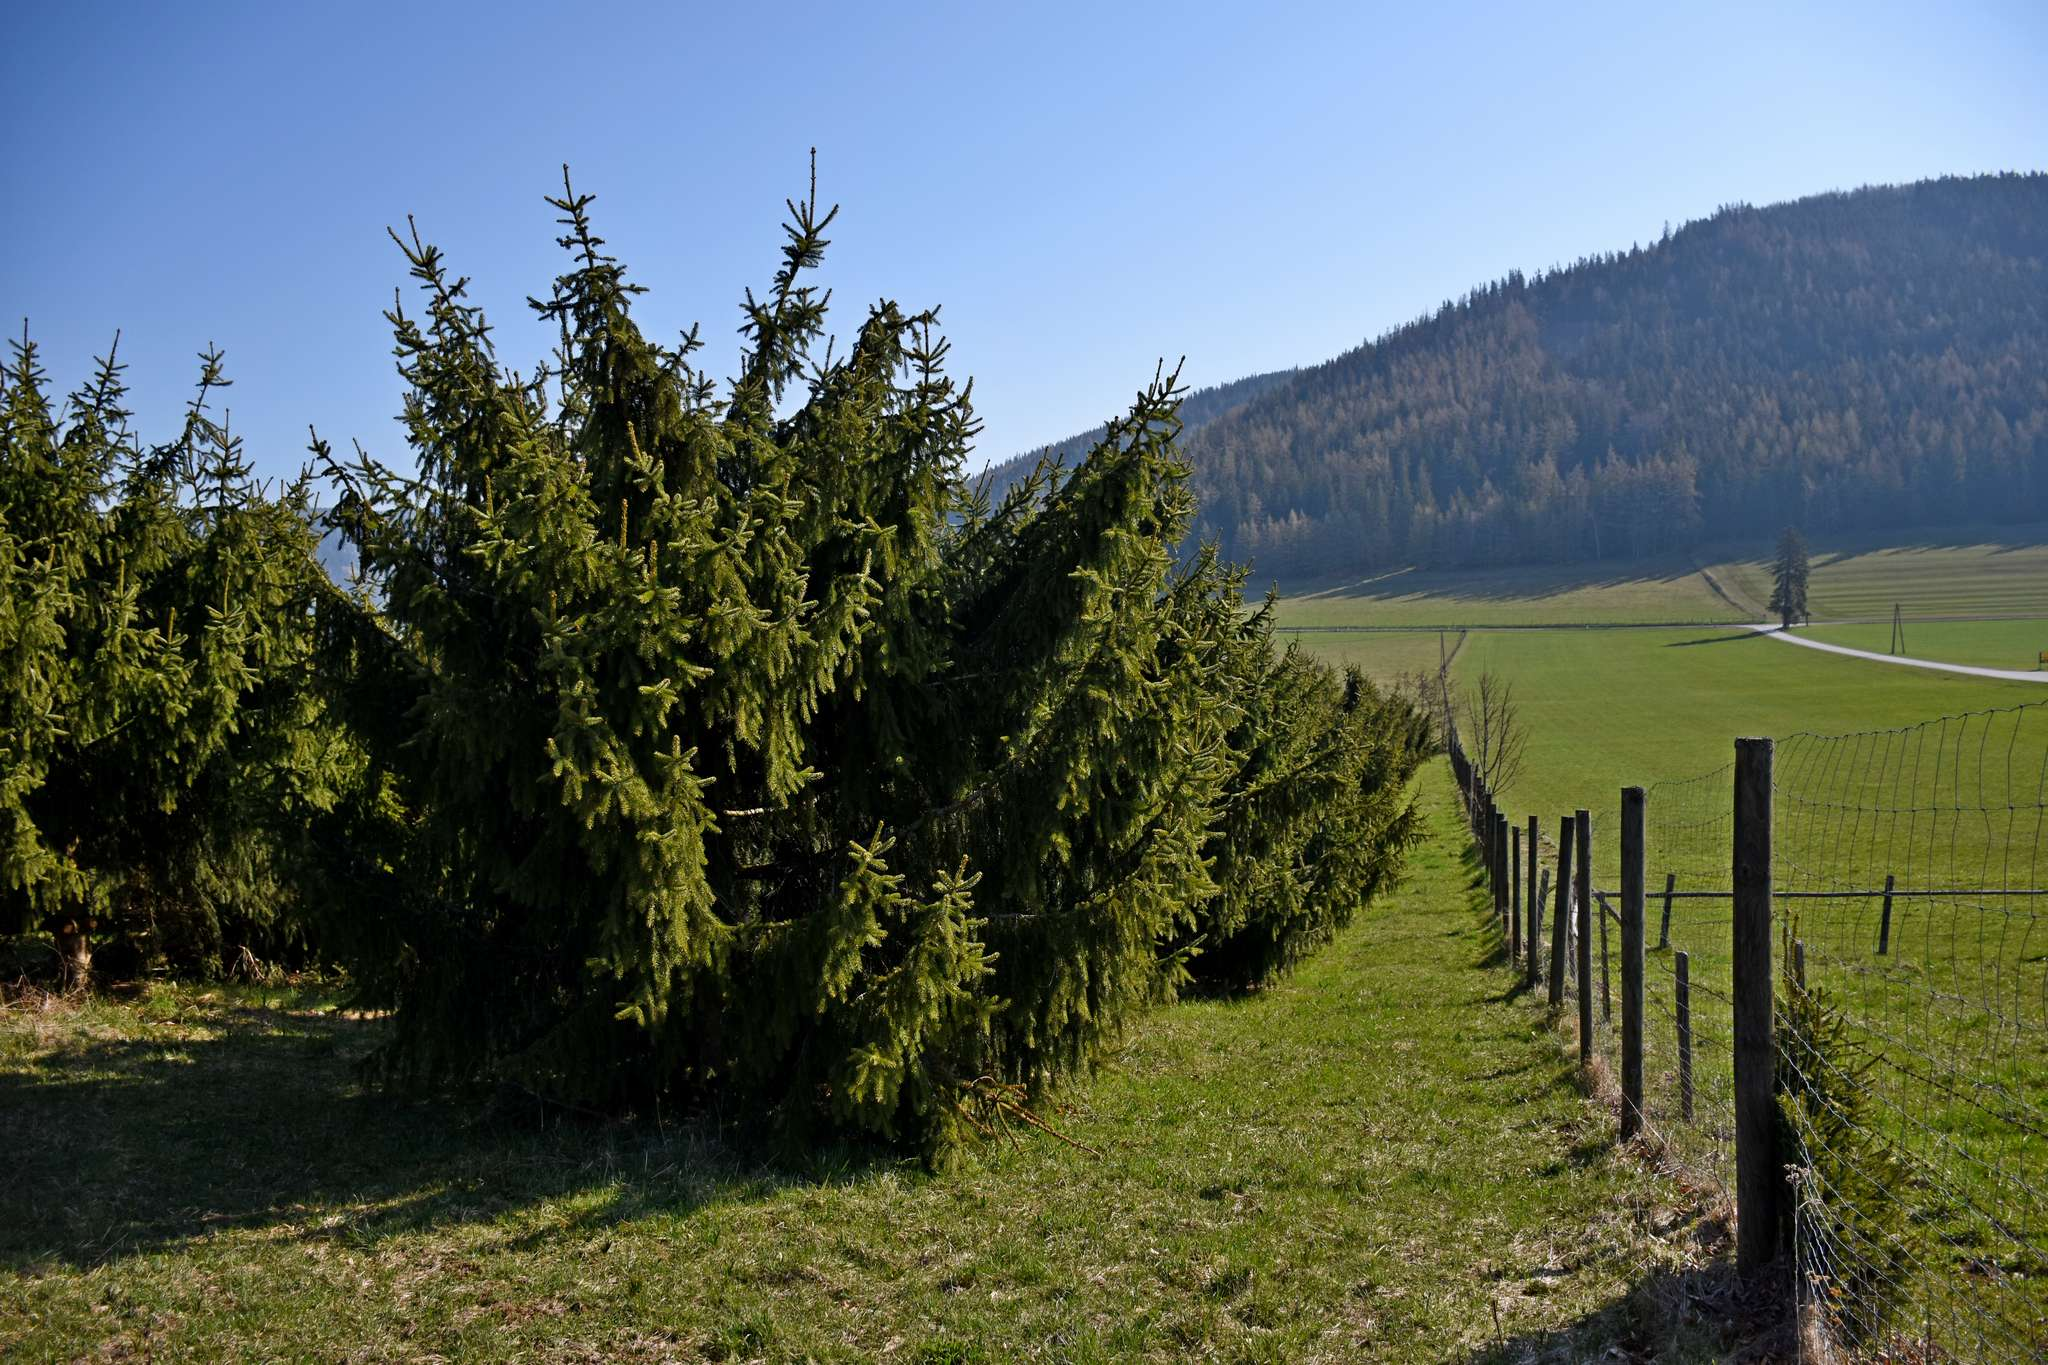 Um die Zapfen besser erreichen zu können, werden die Bäume niedrig gehalten.